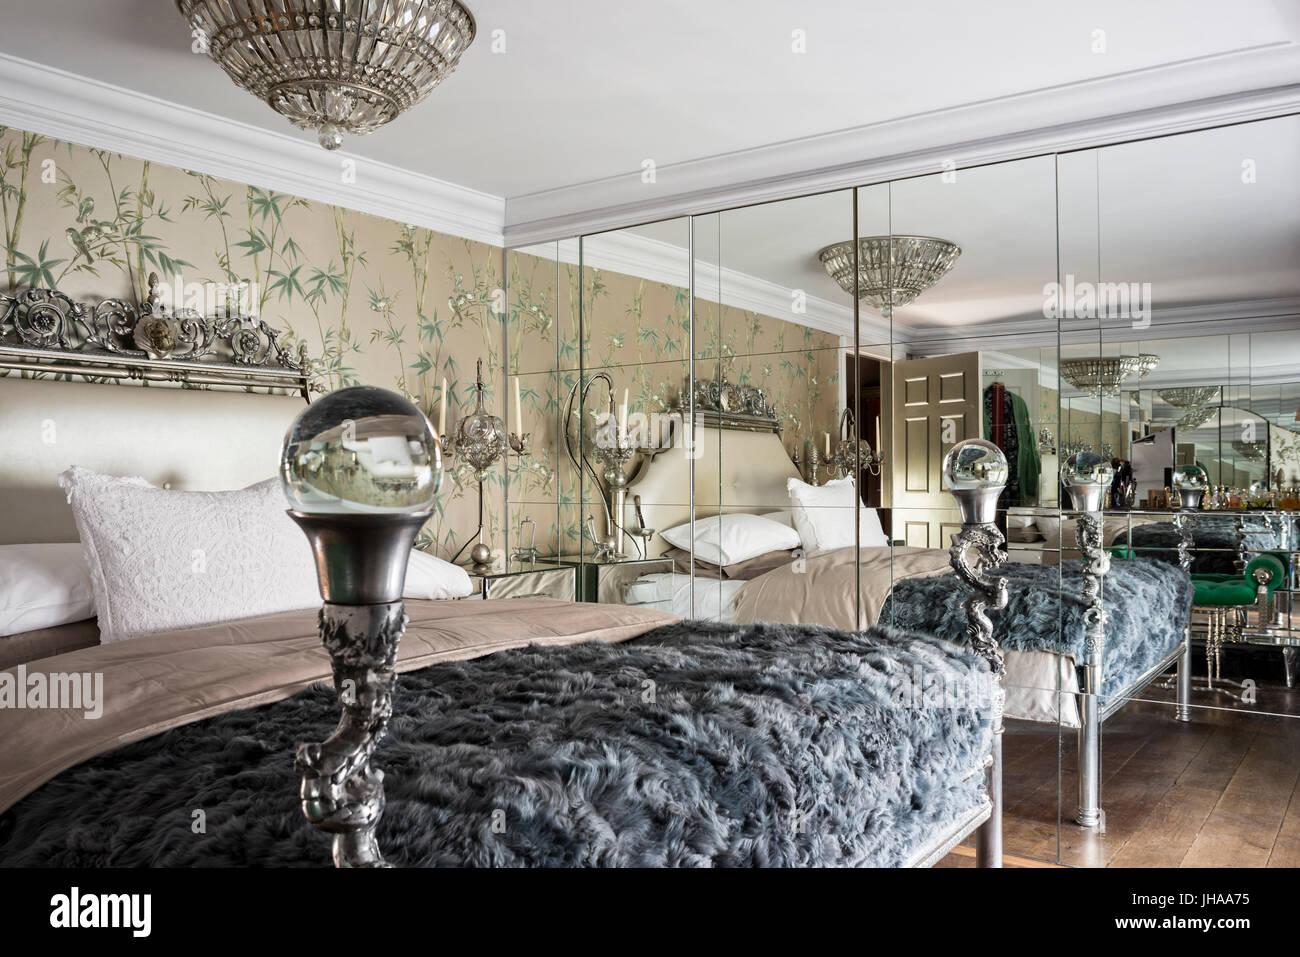 luxuriöses schlafzimmer mit spiegelwand stockfoto, bild: 148359657